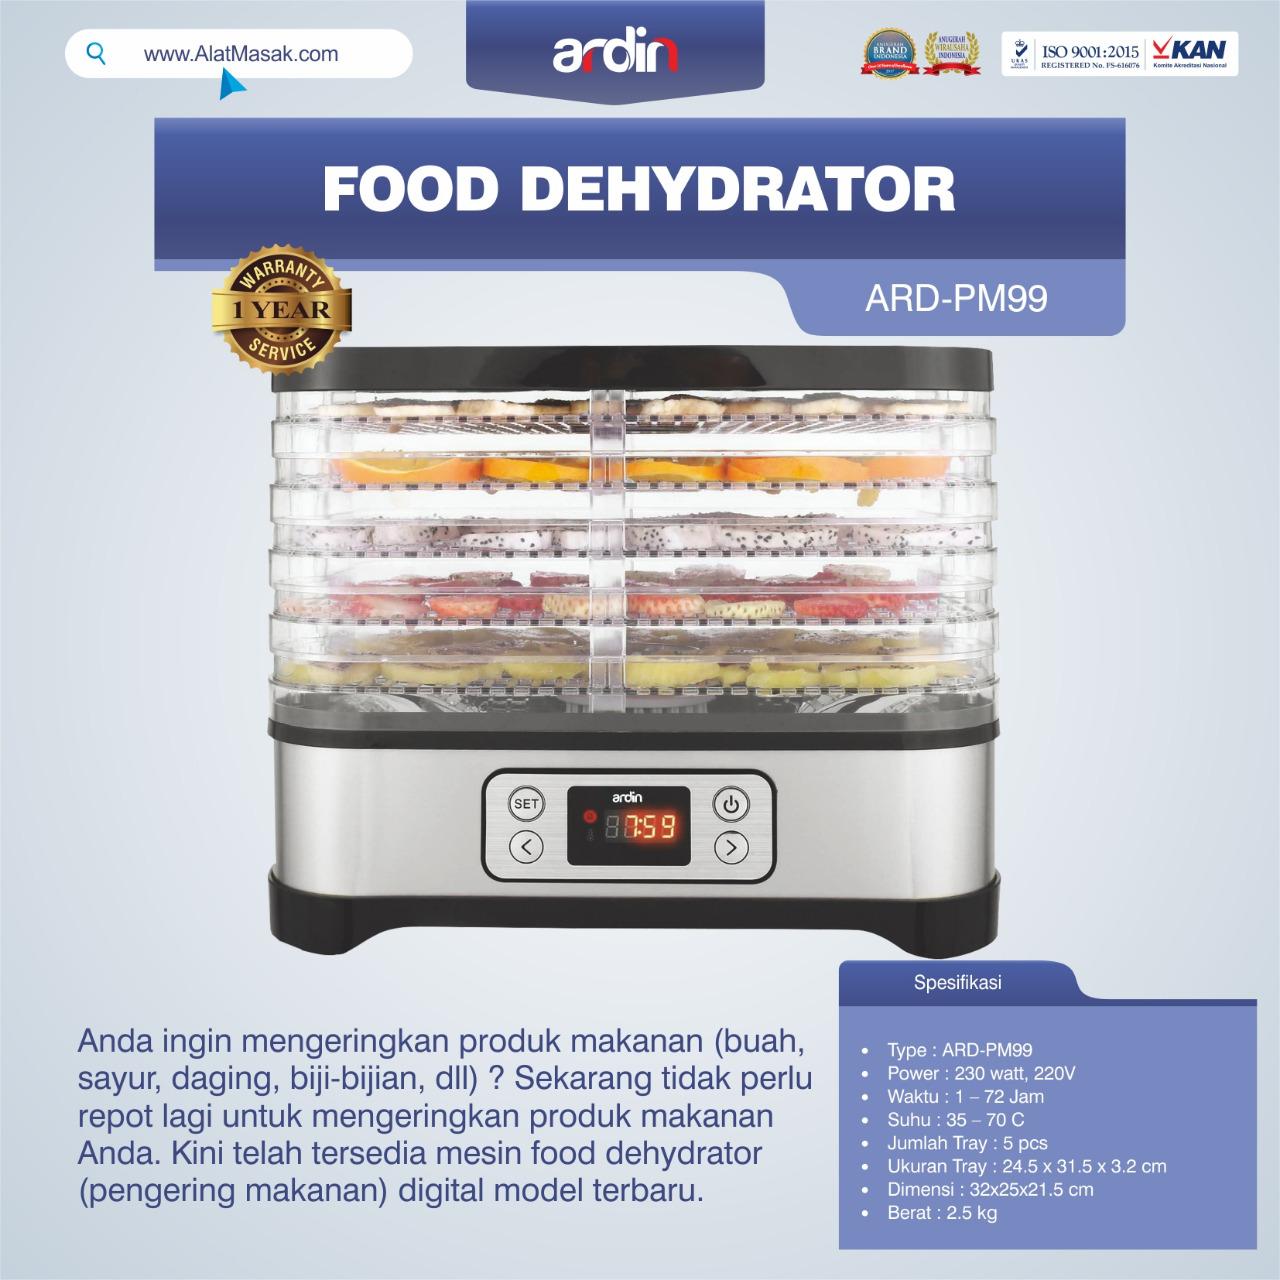 Jual Food Dehydrator ARD-PM99 di Bandung